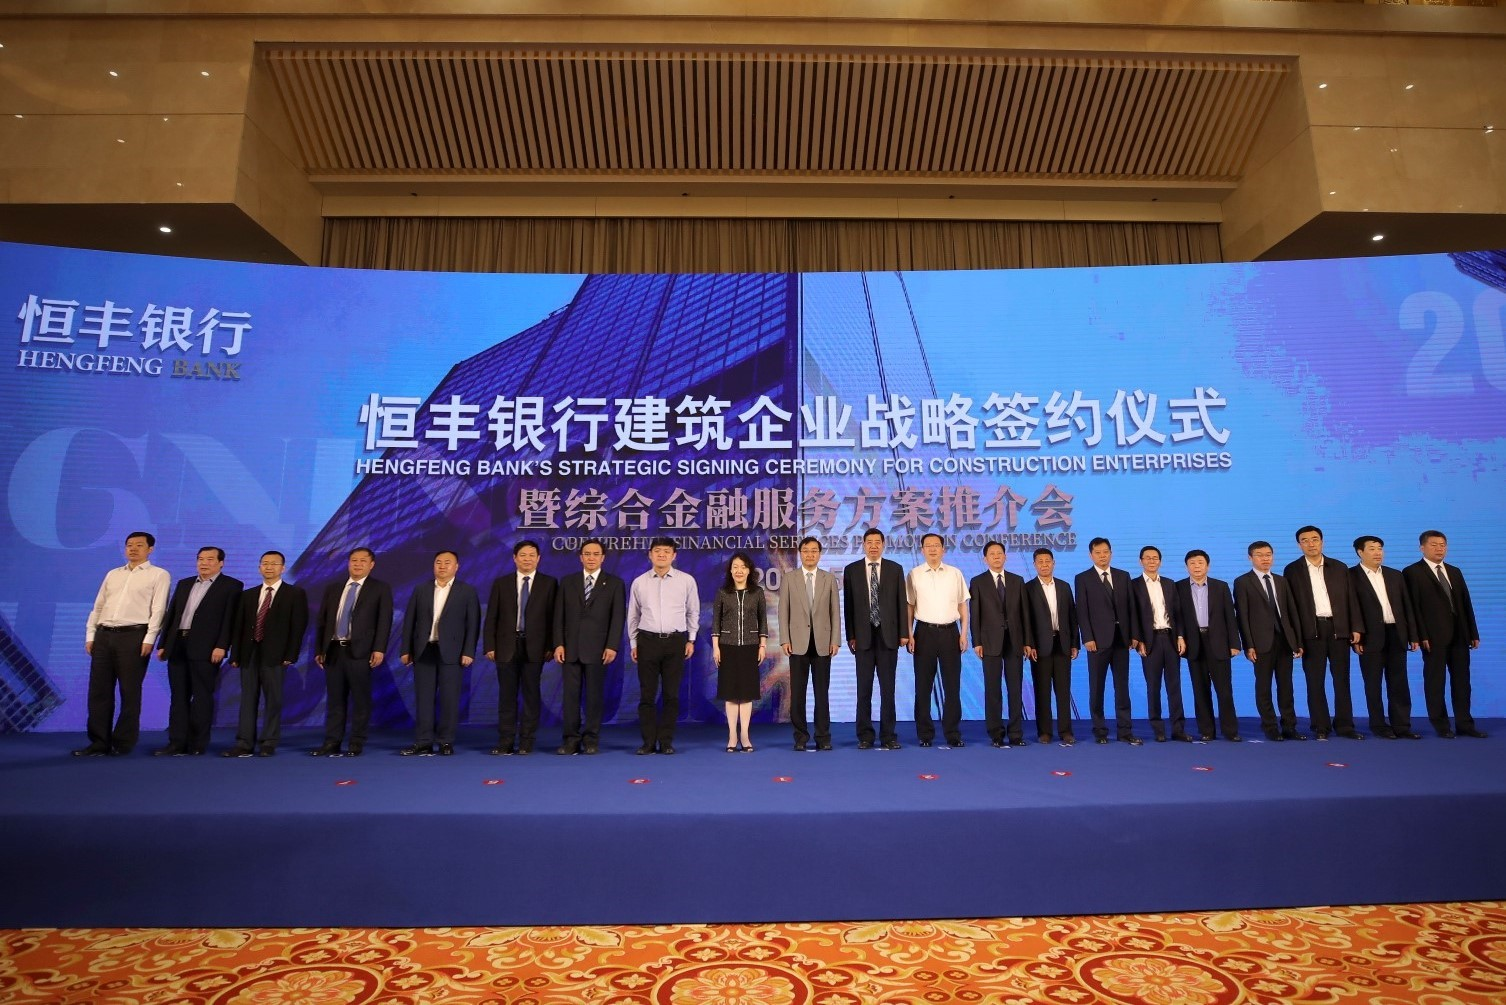 恒丰银行与14家建筑企业签署全面战略合作协议